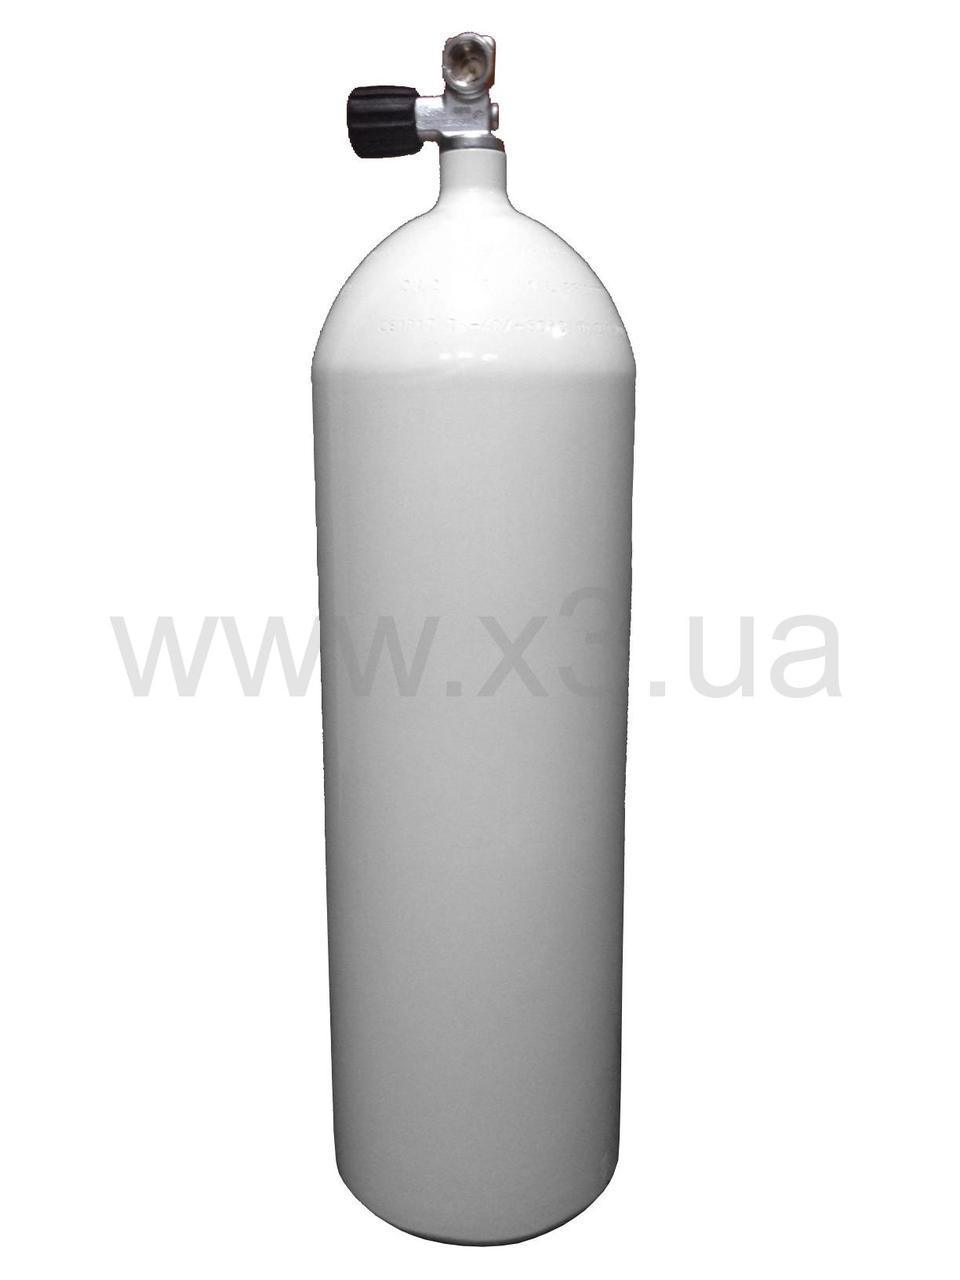 Баллон  DEEPZONE баллон стальной 15 л, 230 Bar, 171 мм с вентилем CONCAVE - ИКСТРИ в Киеве